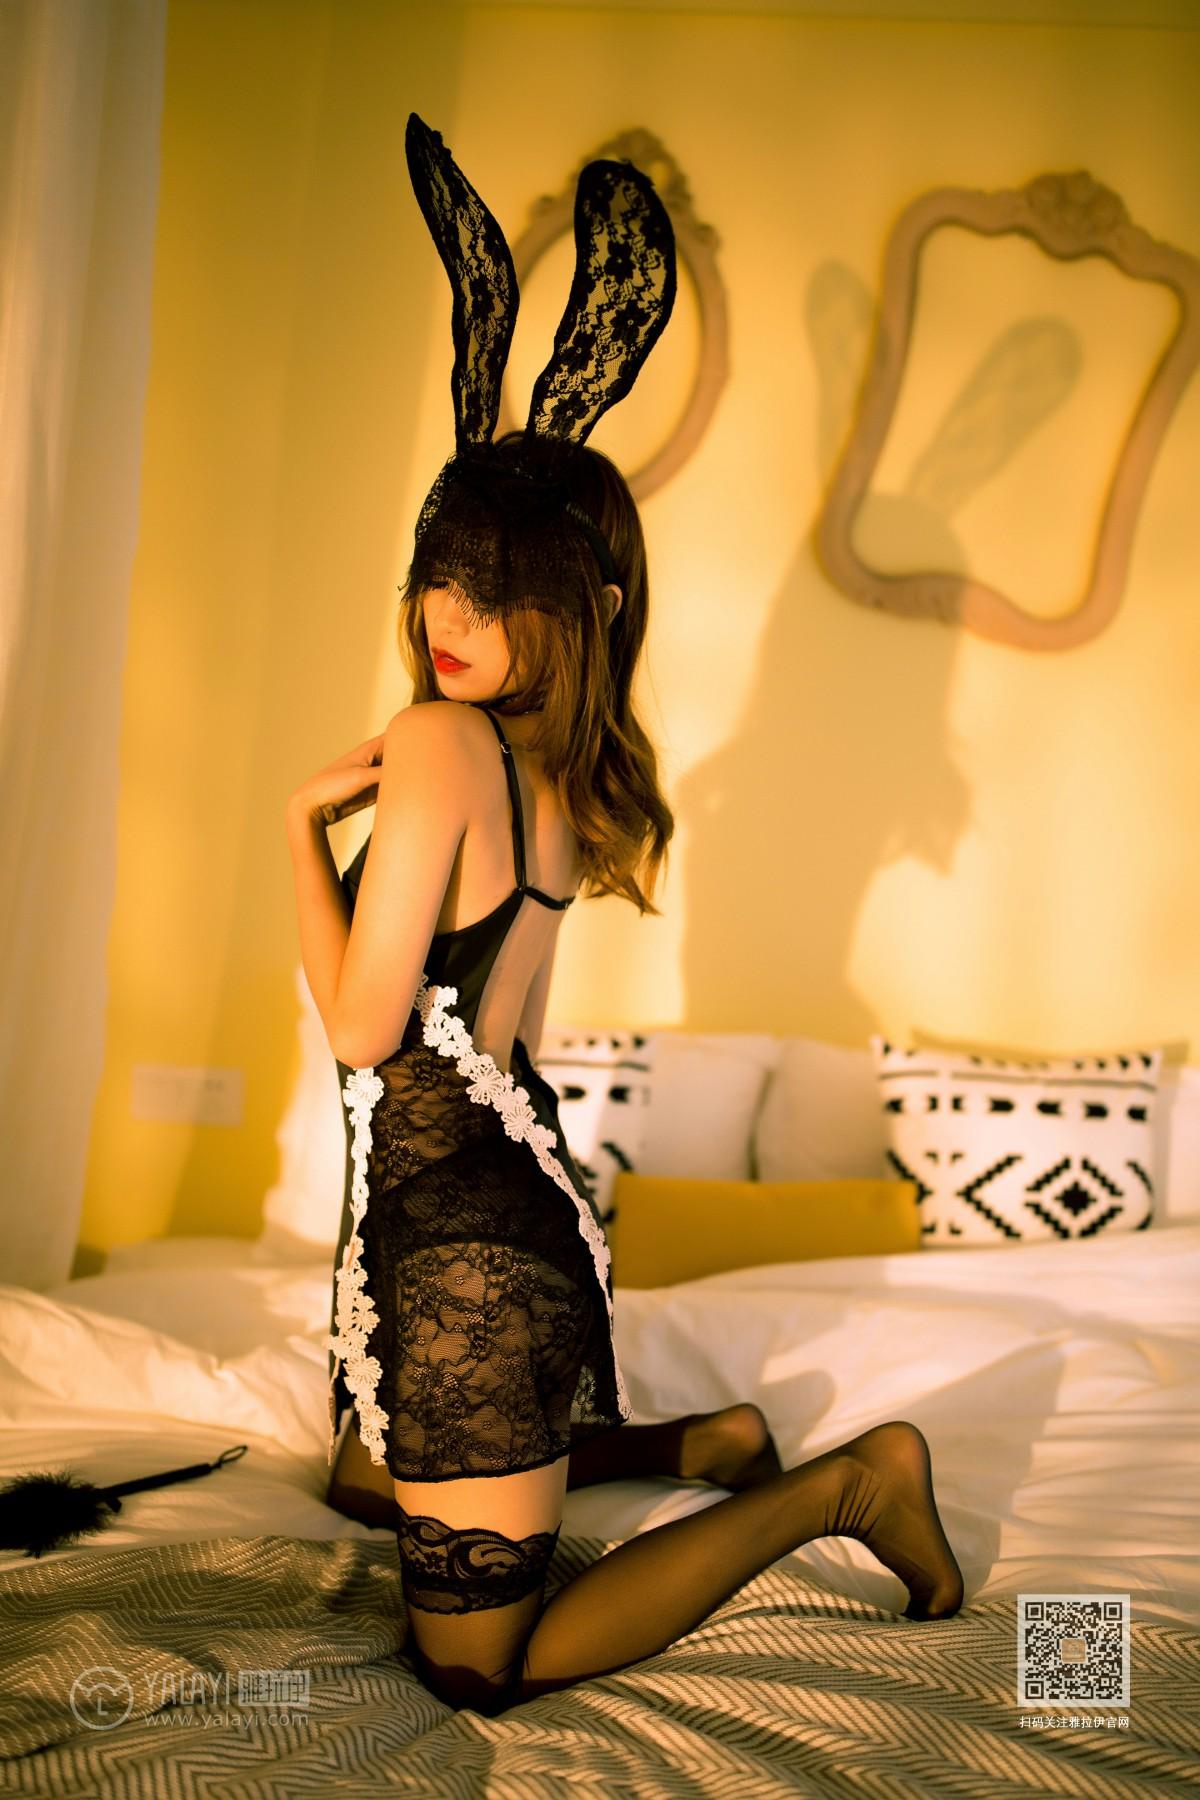 [YALAYI雅拉伊] 2020.02.12 Y541 丽雅 蕾丝兔女郎 第4张